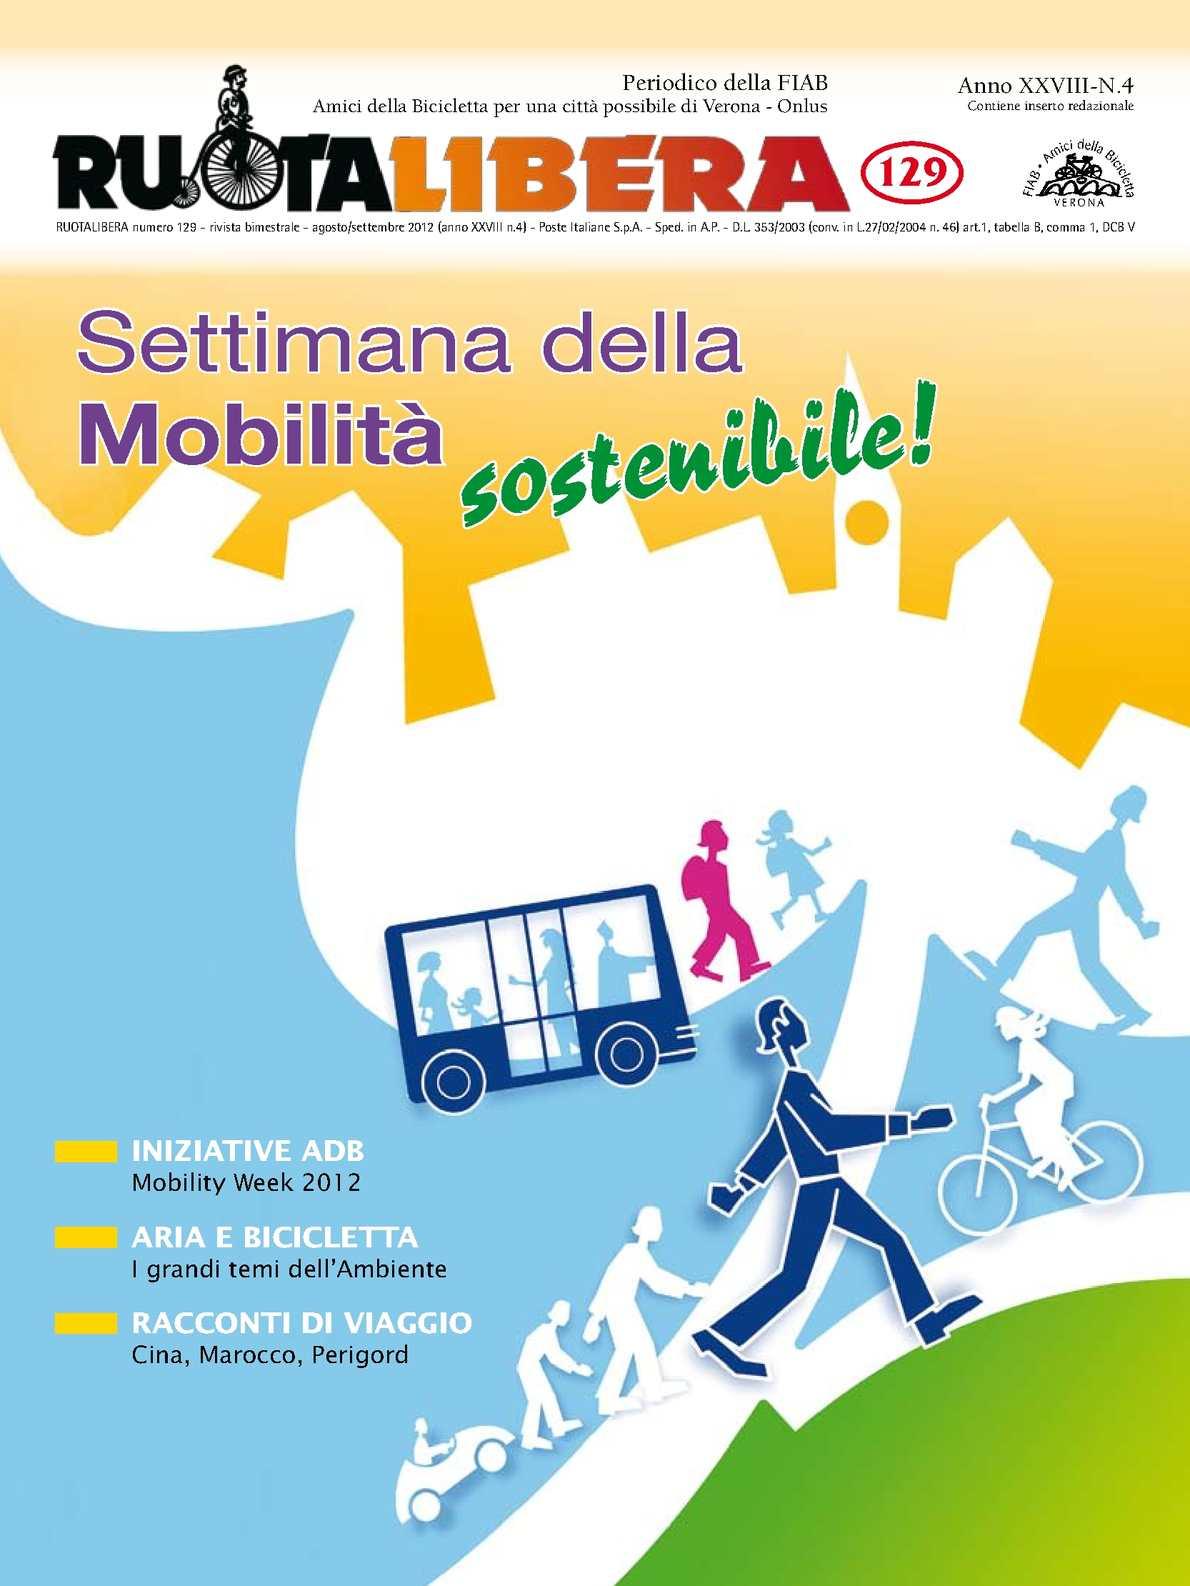 Ruotalibera 129 (luglio-settembre 2012) - FIAB AdB Verona